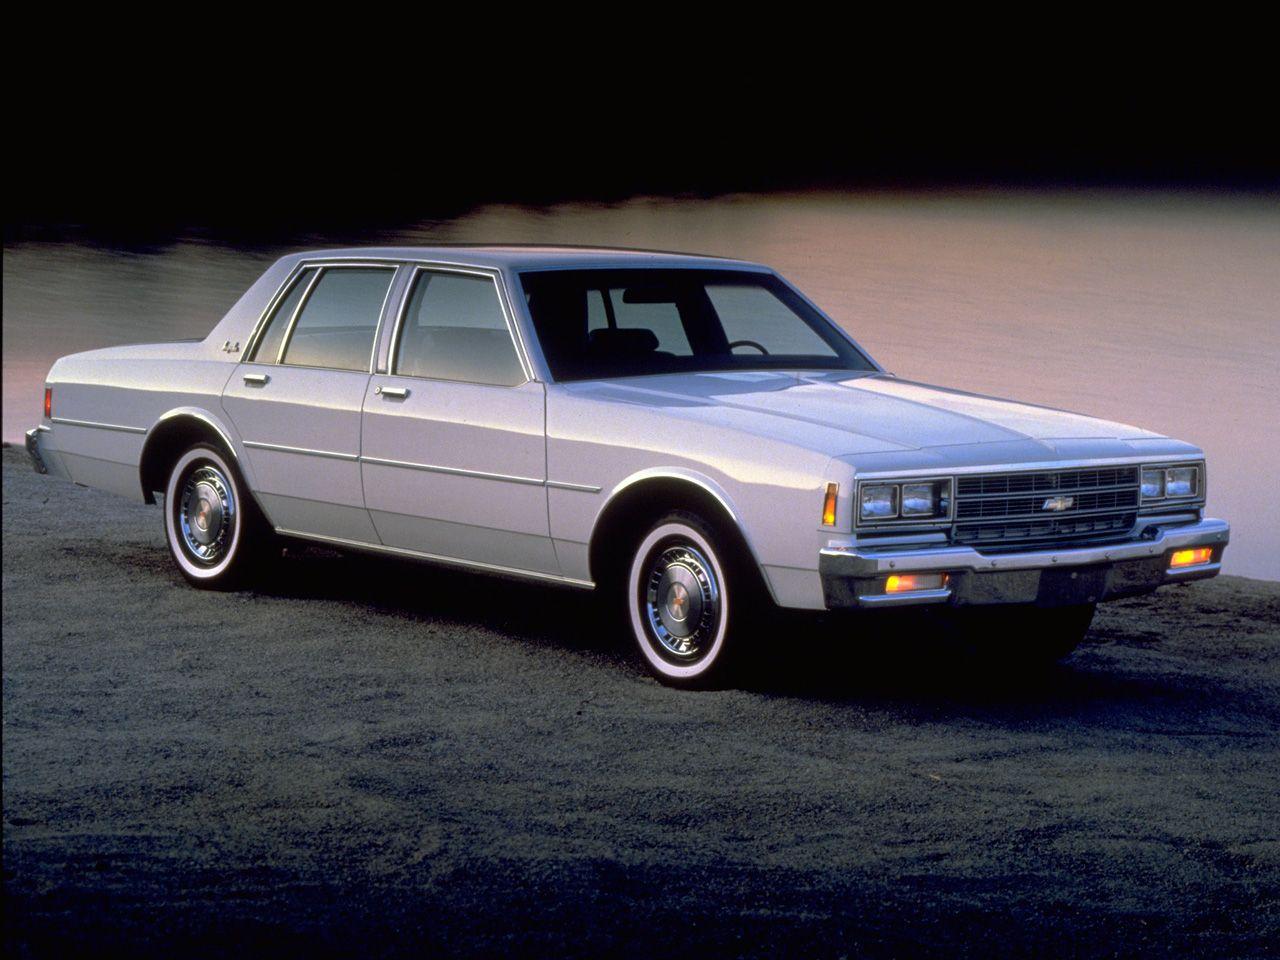 Preis vergleichen ziemlich billig Super Qualität chevrolet impala 1980 | Chevrolet Impala '1980–85 | Vehicles ...